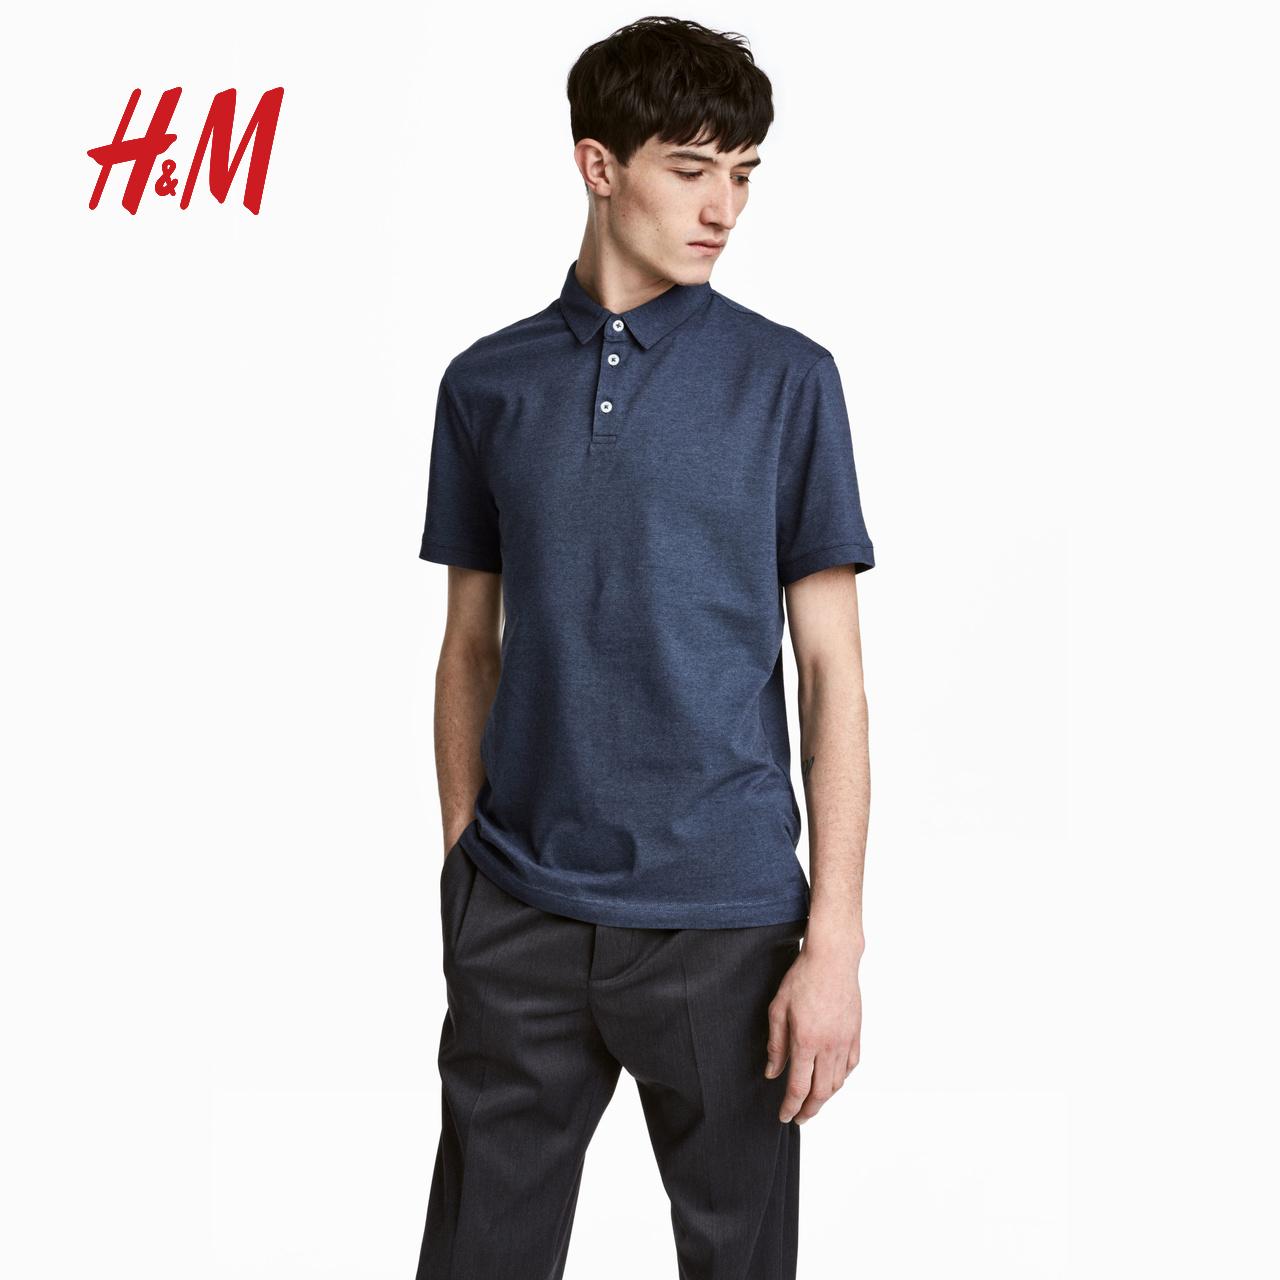 H&M 修身弹力Polo衫 HM0570004 65元